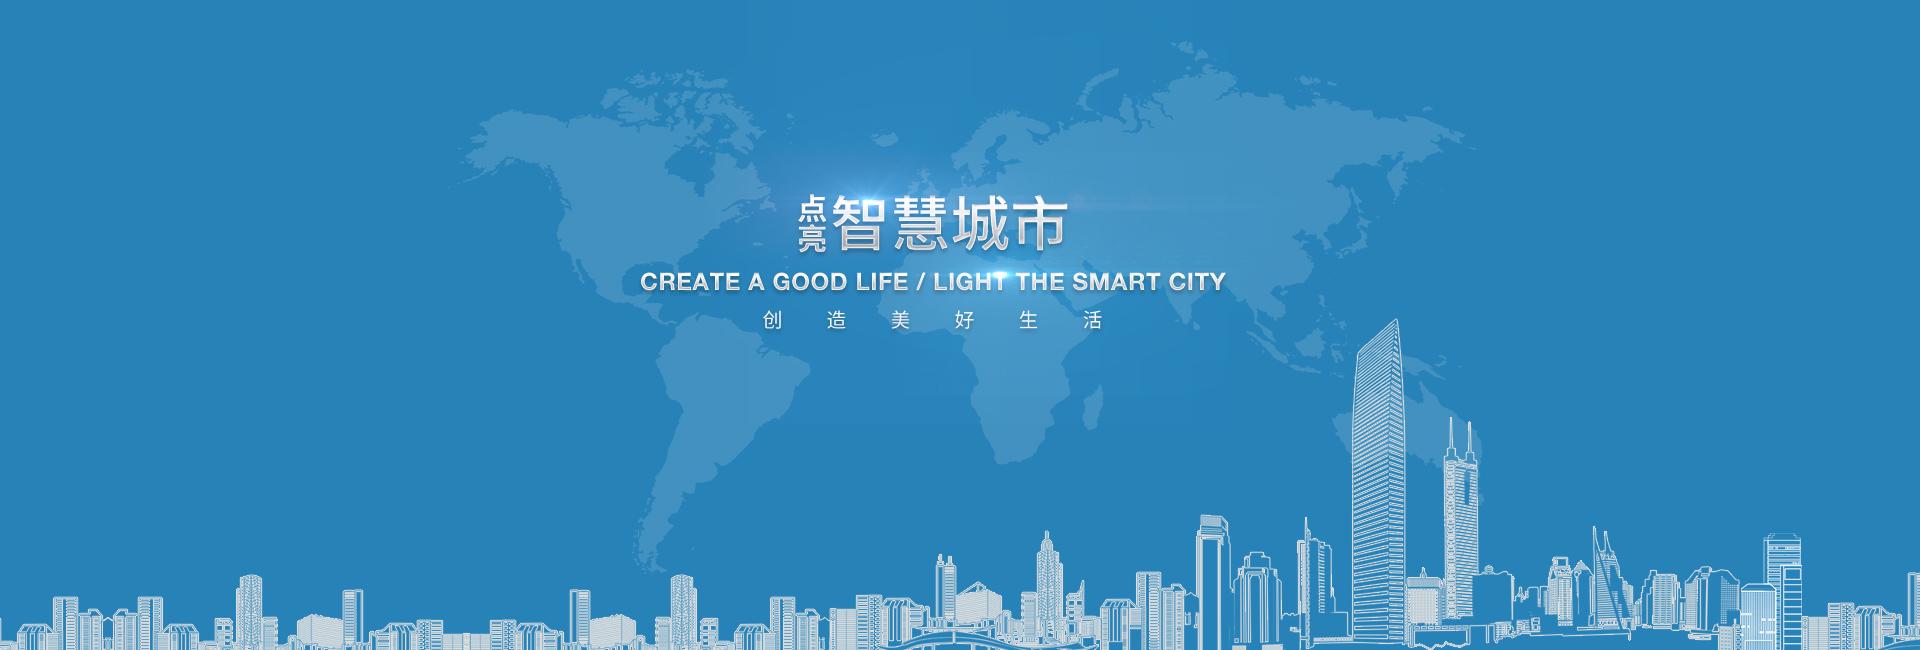 點亮智慧城市